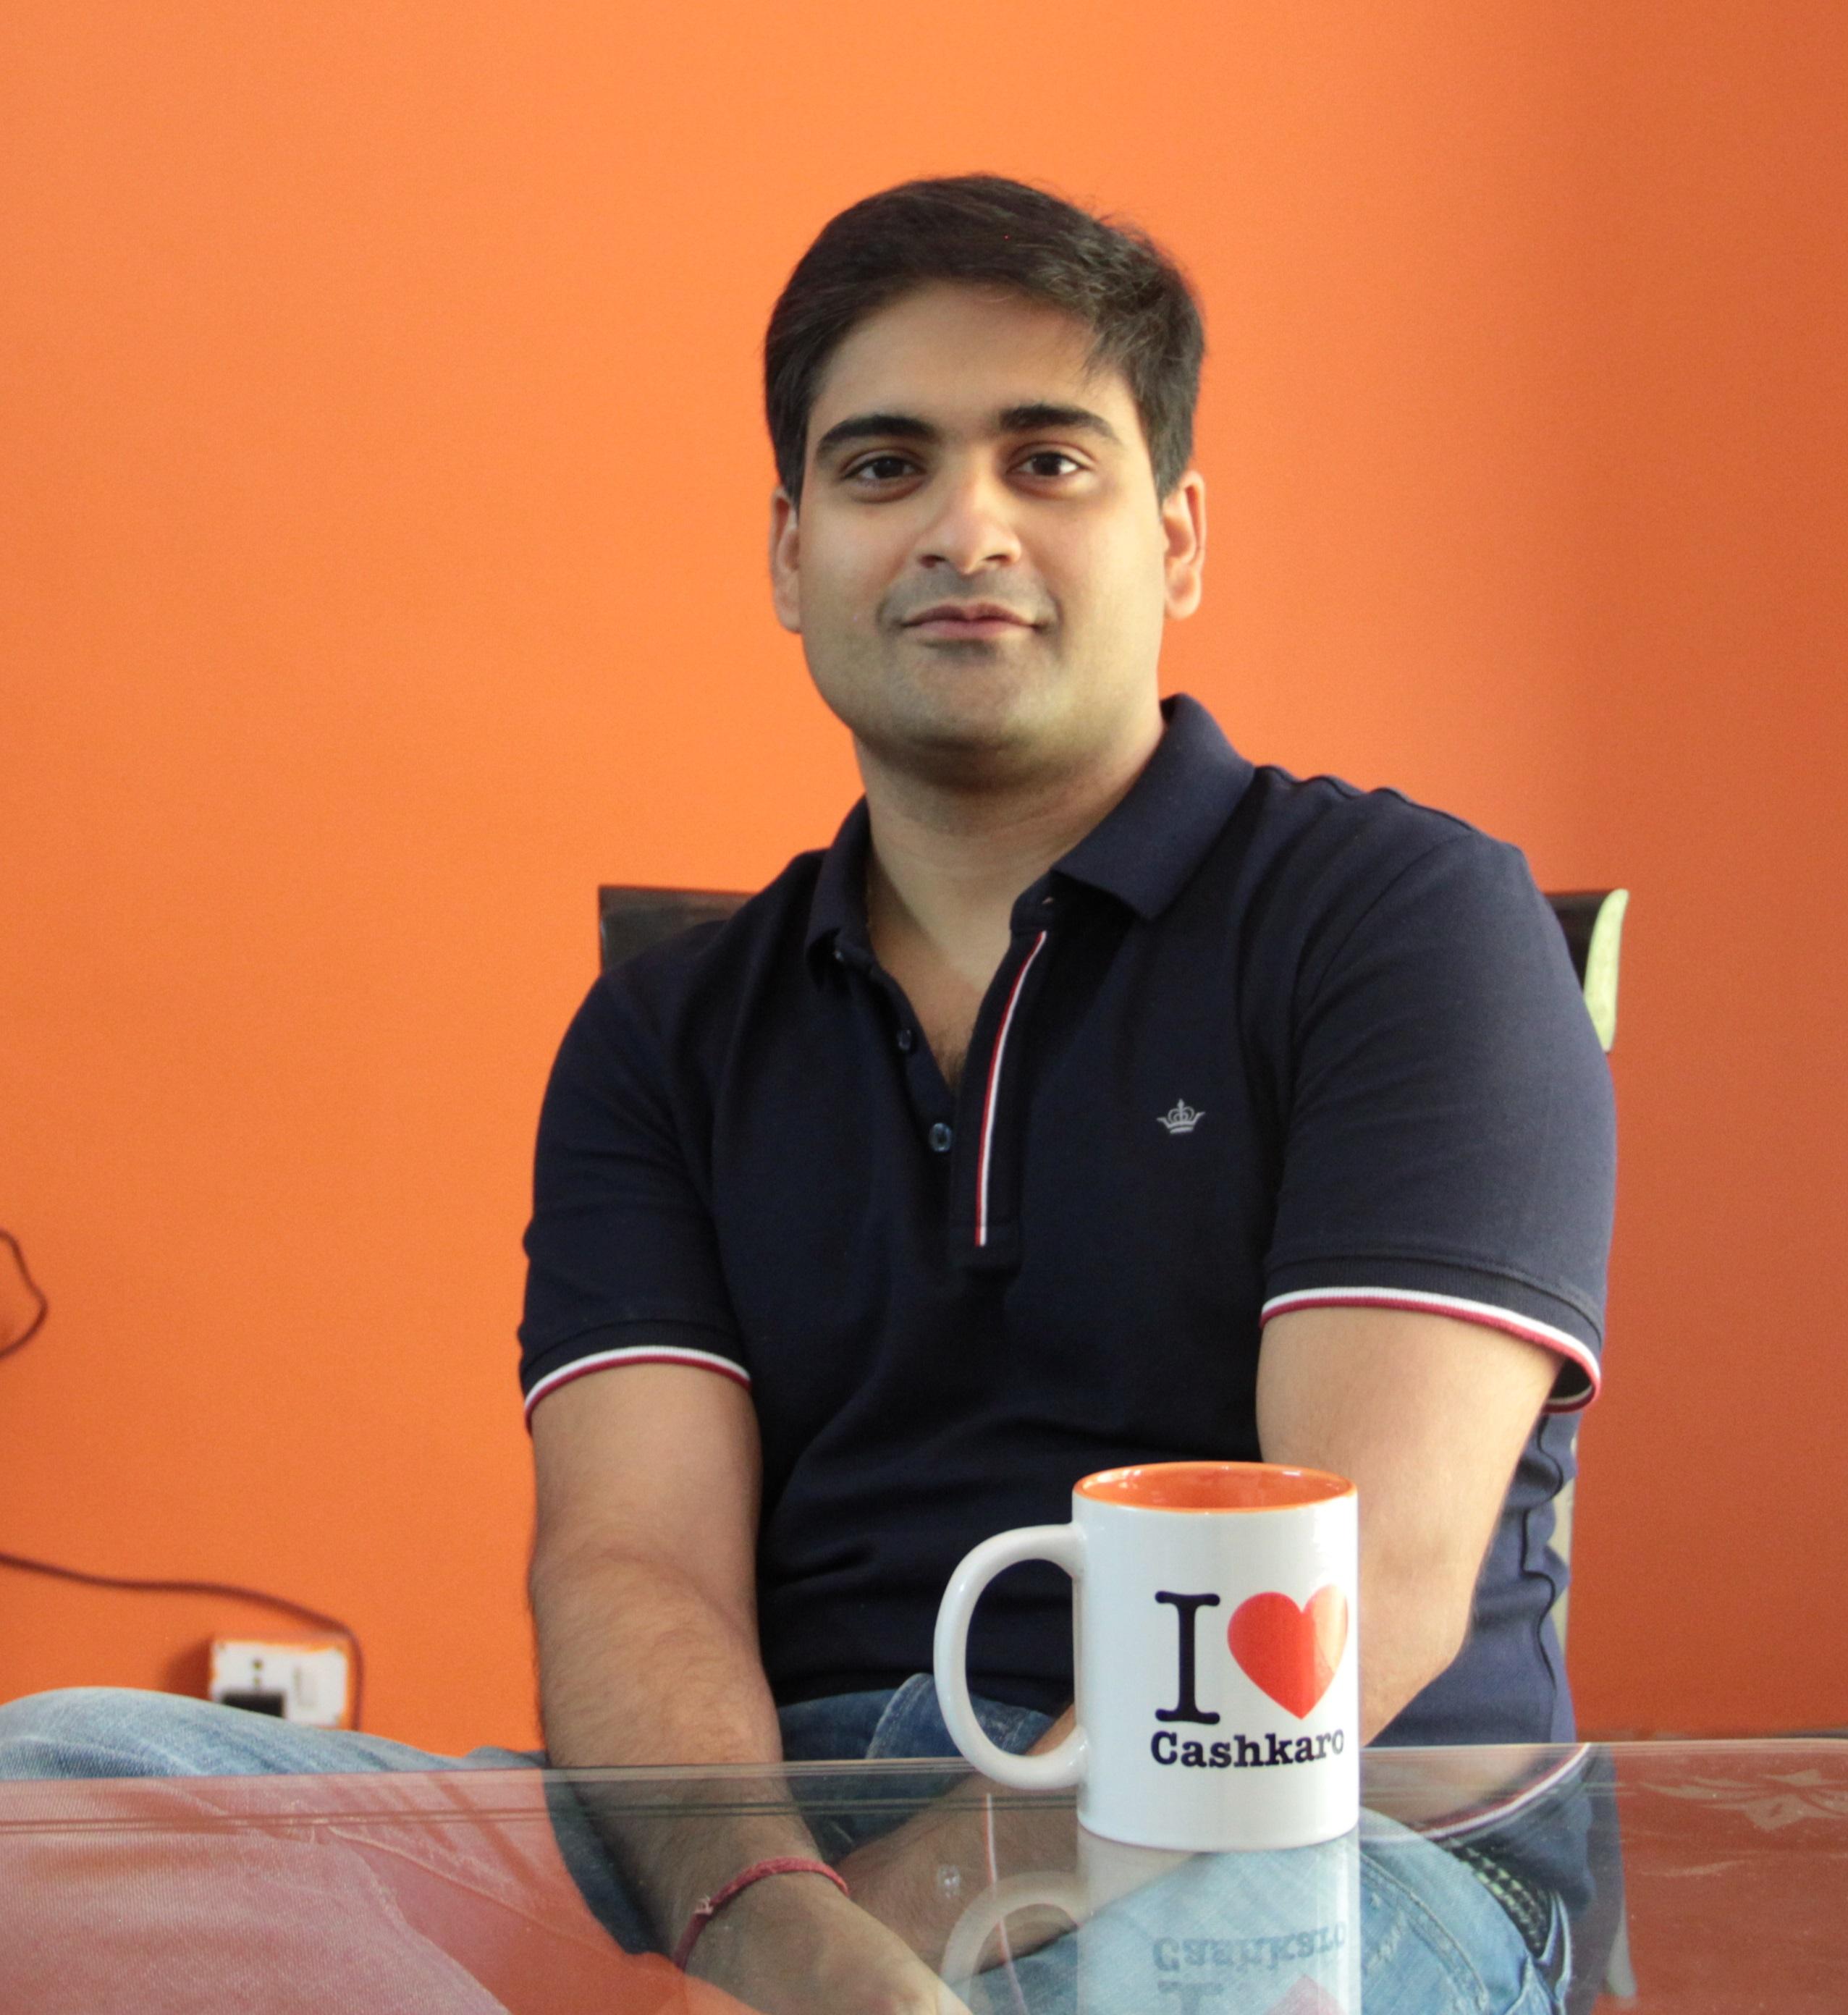 Rohan Bhargava_Cashkaro Co-Founder